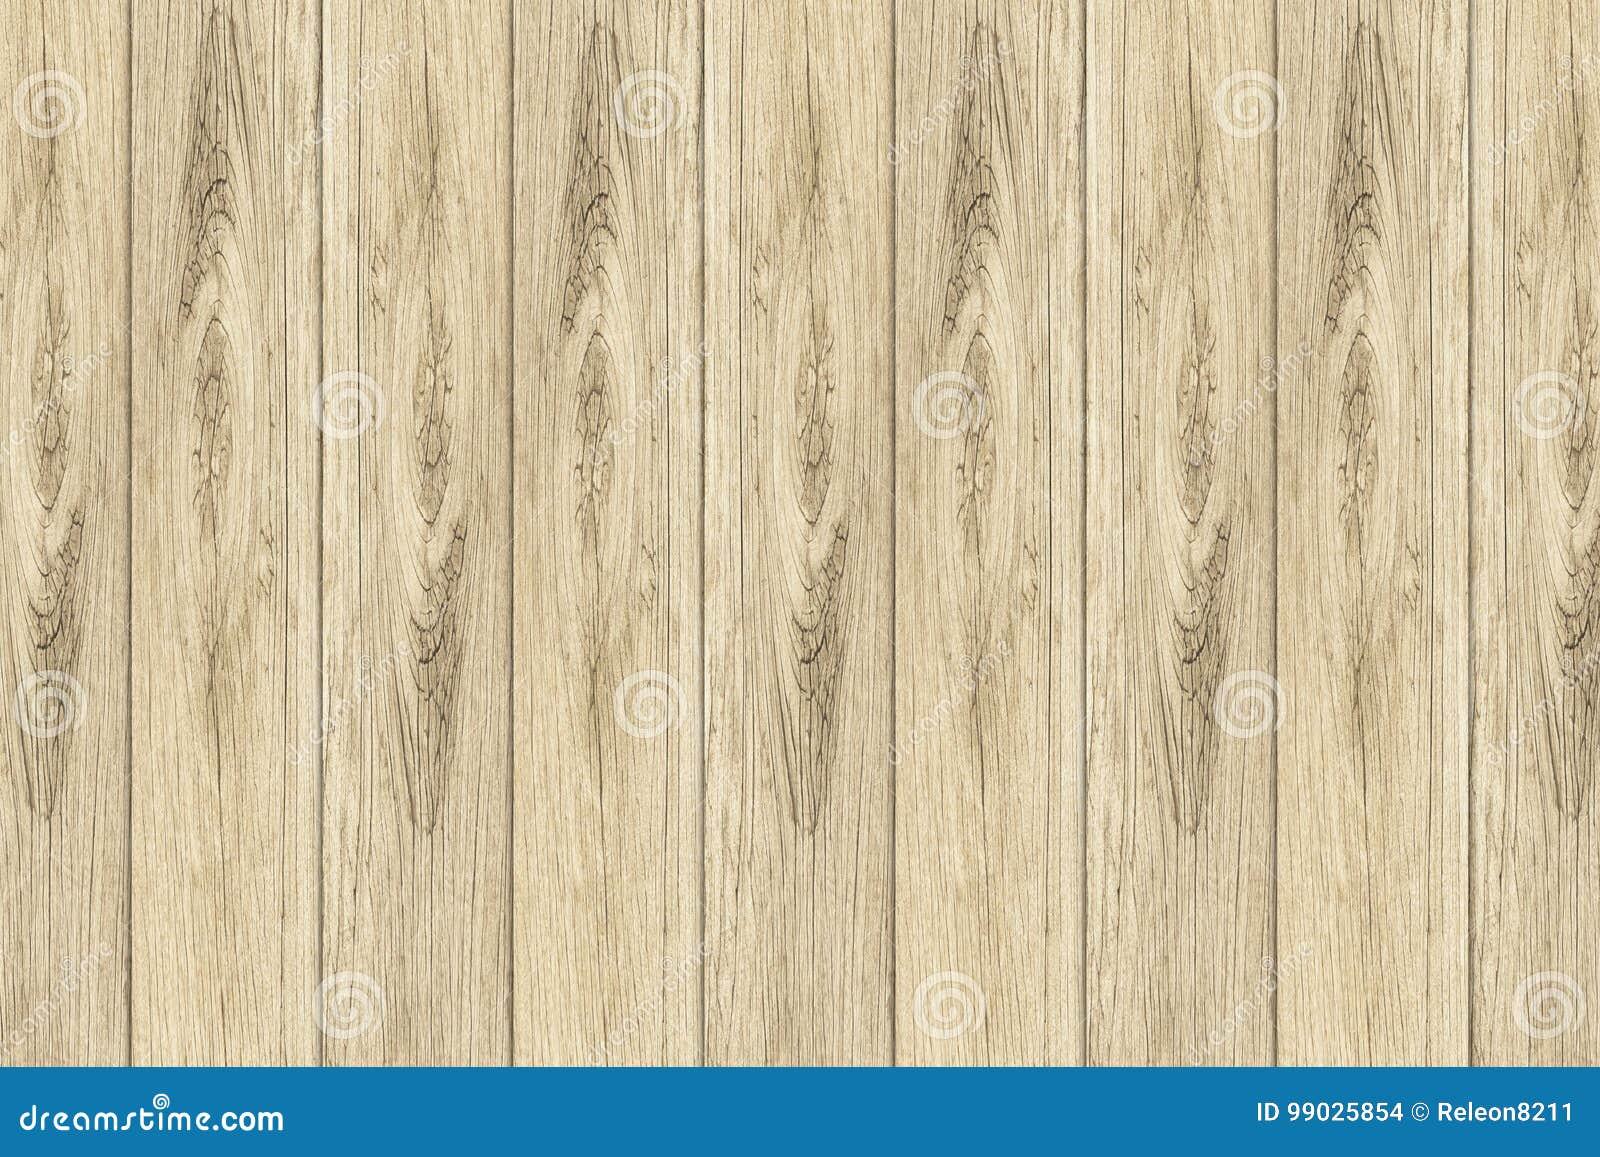 fond en bois clair de texture photo stock image du raie. Black Bedroom Furniture Sets. Home Design Ideas